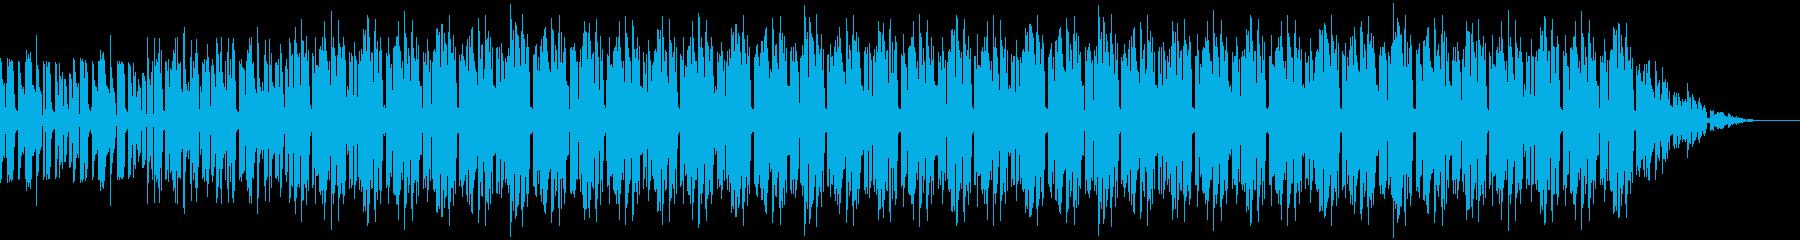 アップテンポなアクションゲームBGMの再生済みの波形